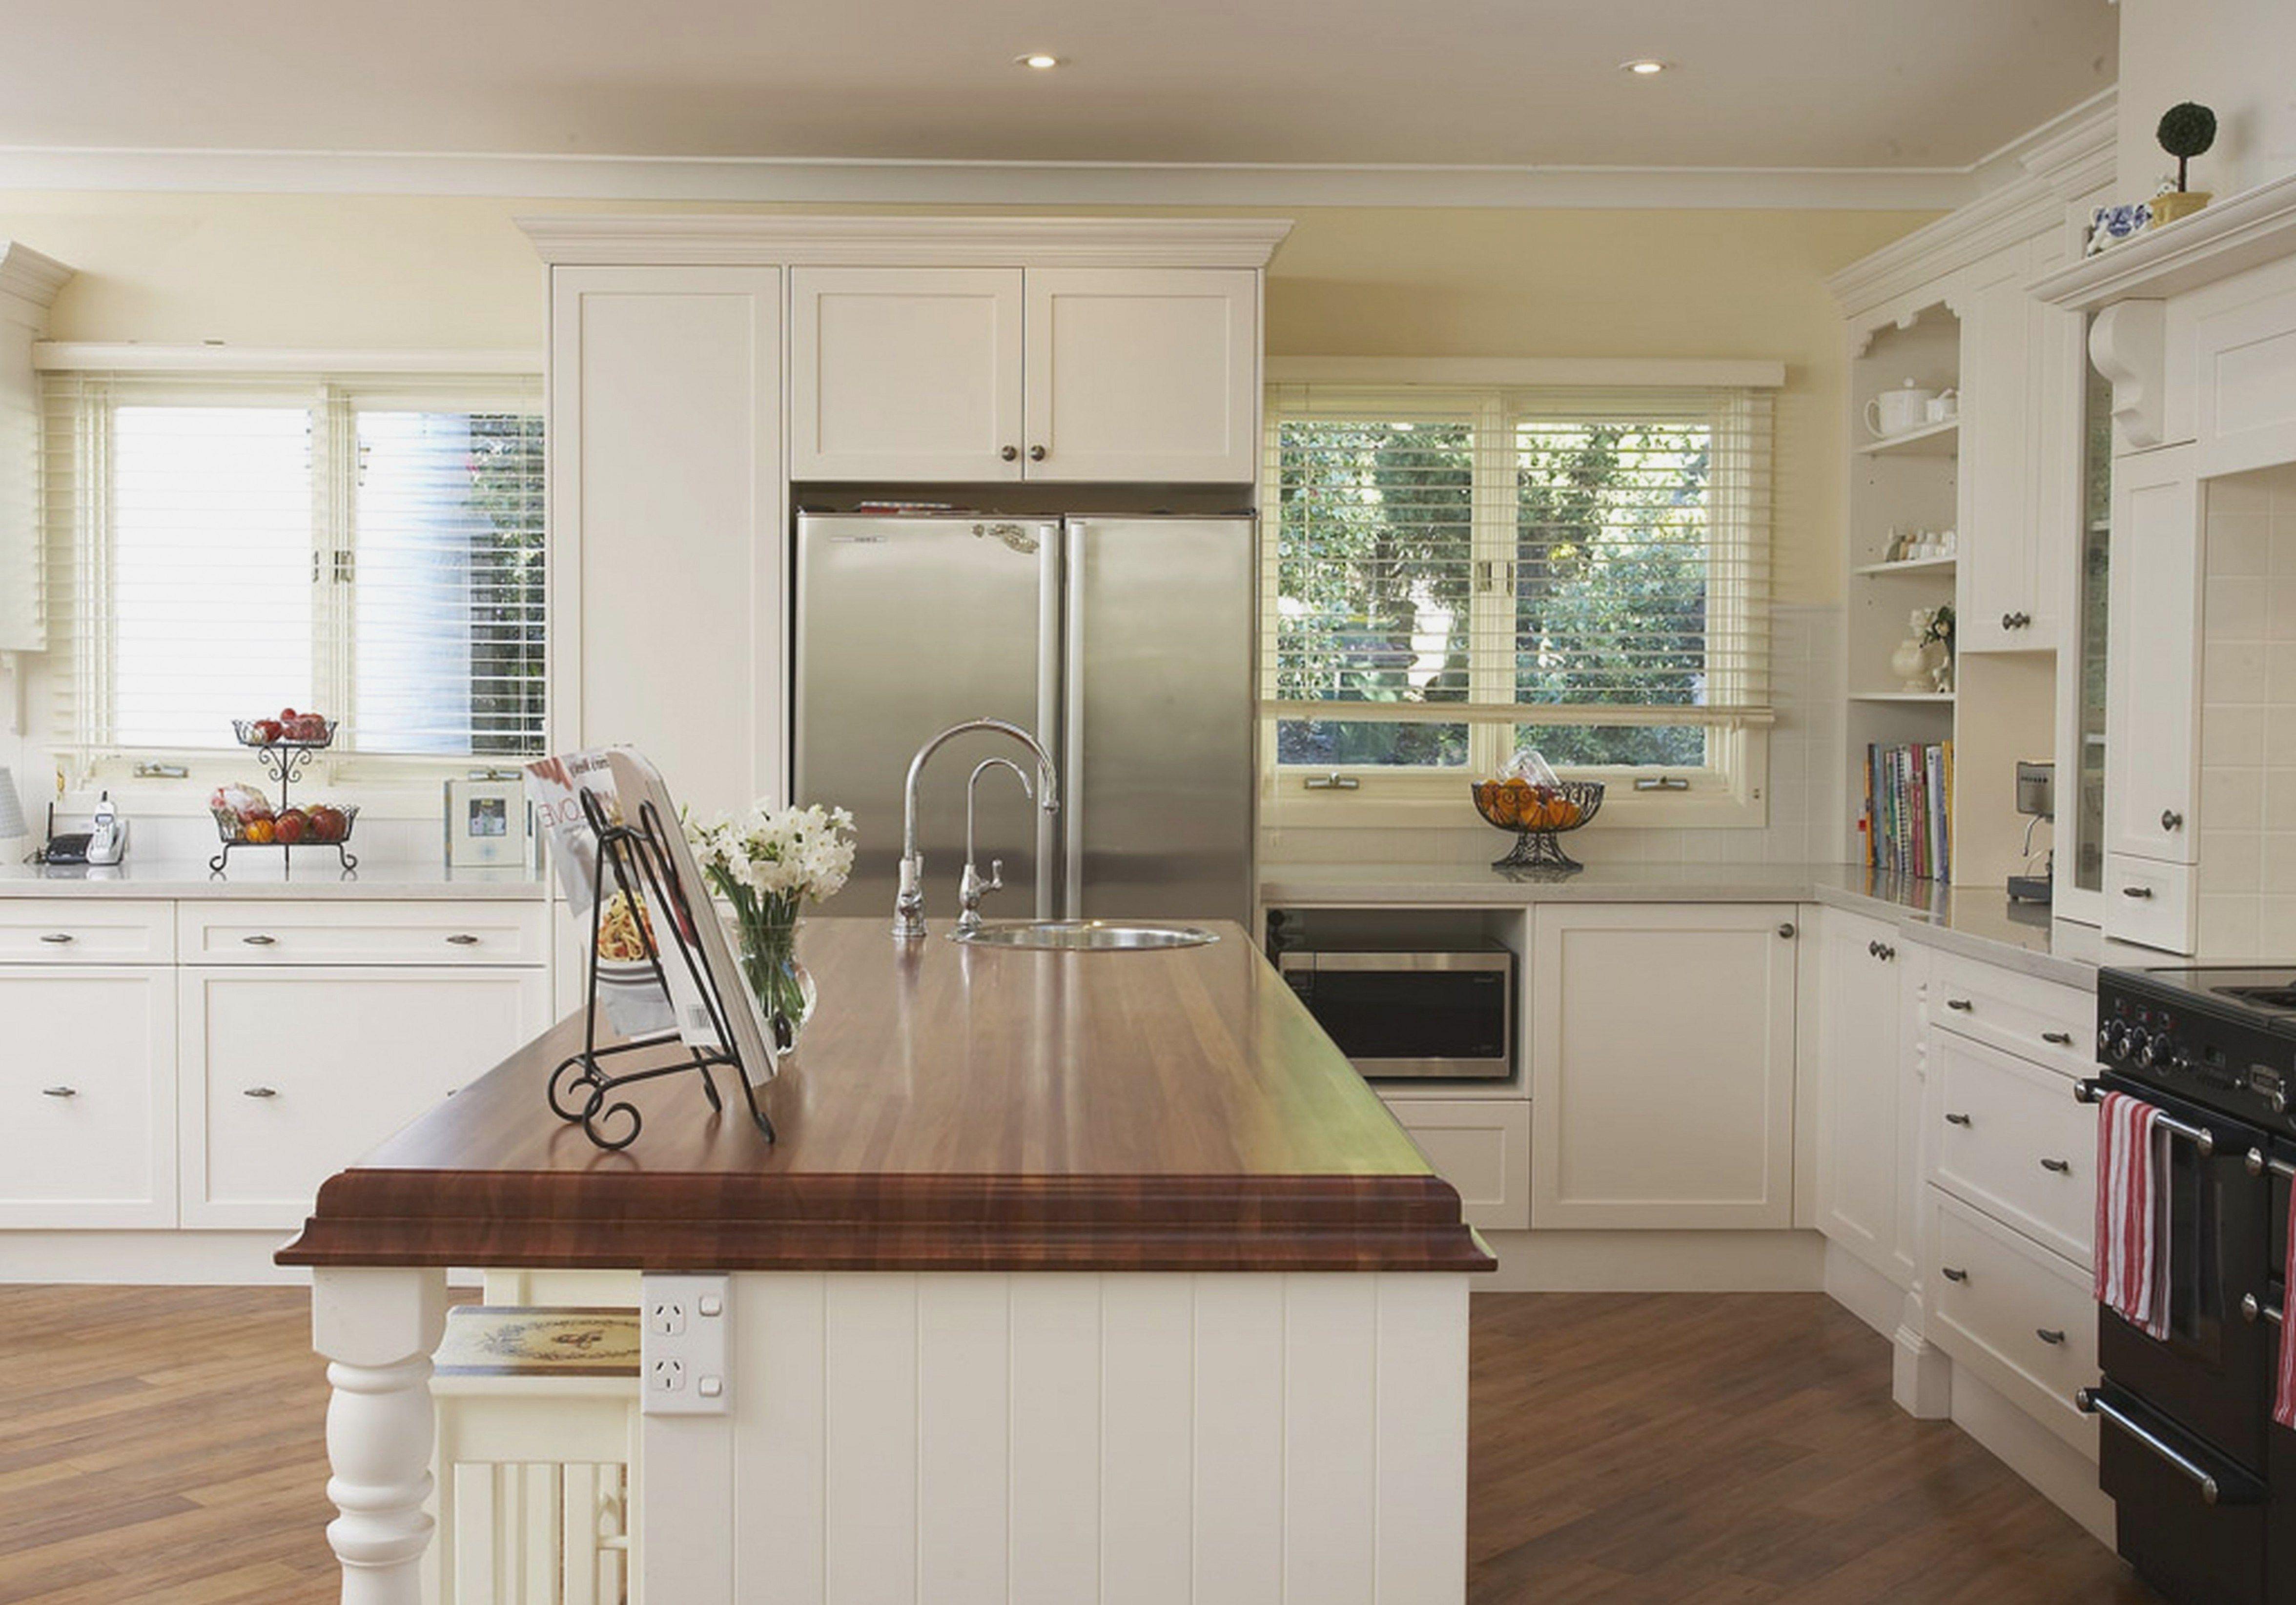 Pin by Risam Wati on Interior Design | Modern kitchen design ...